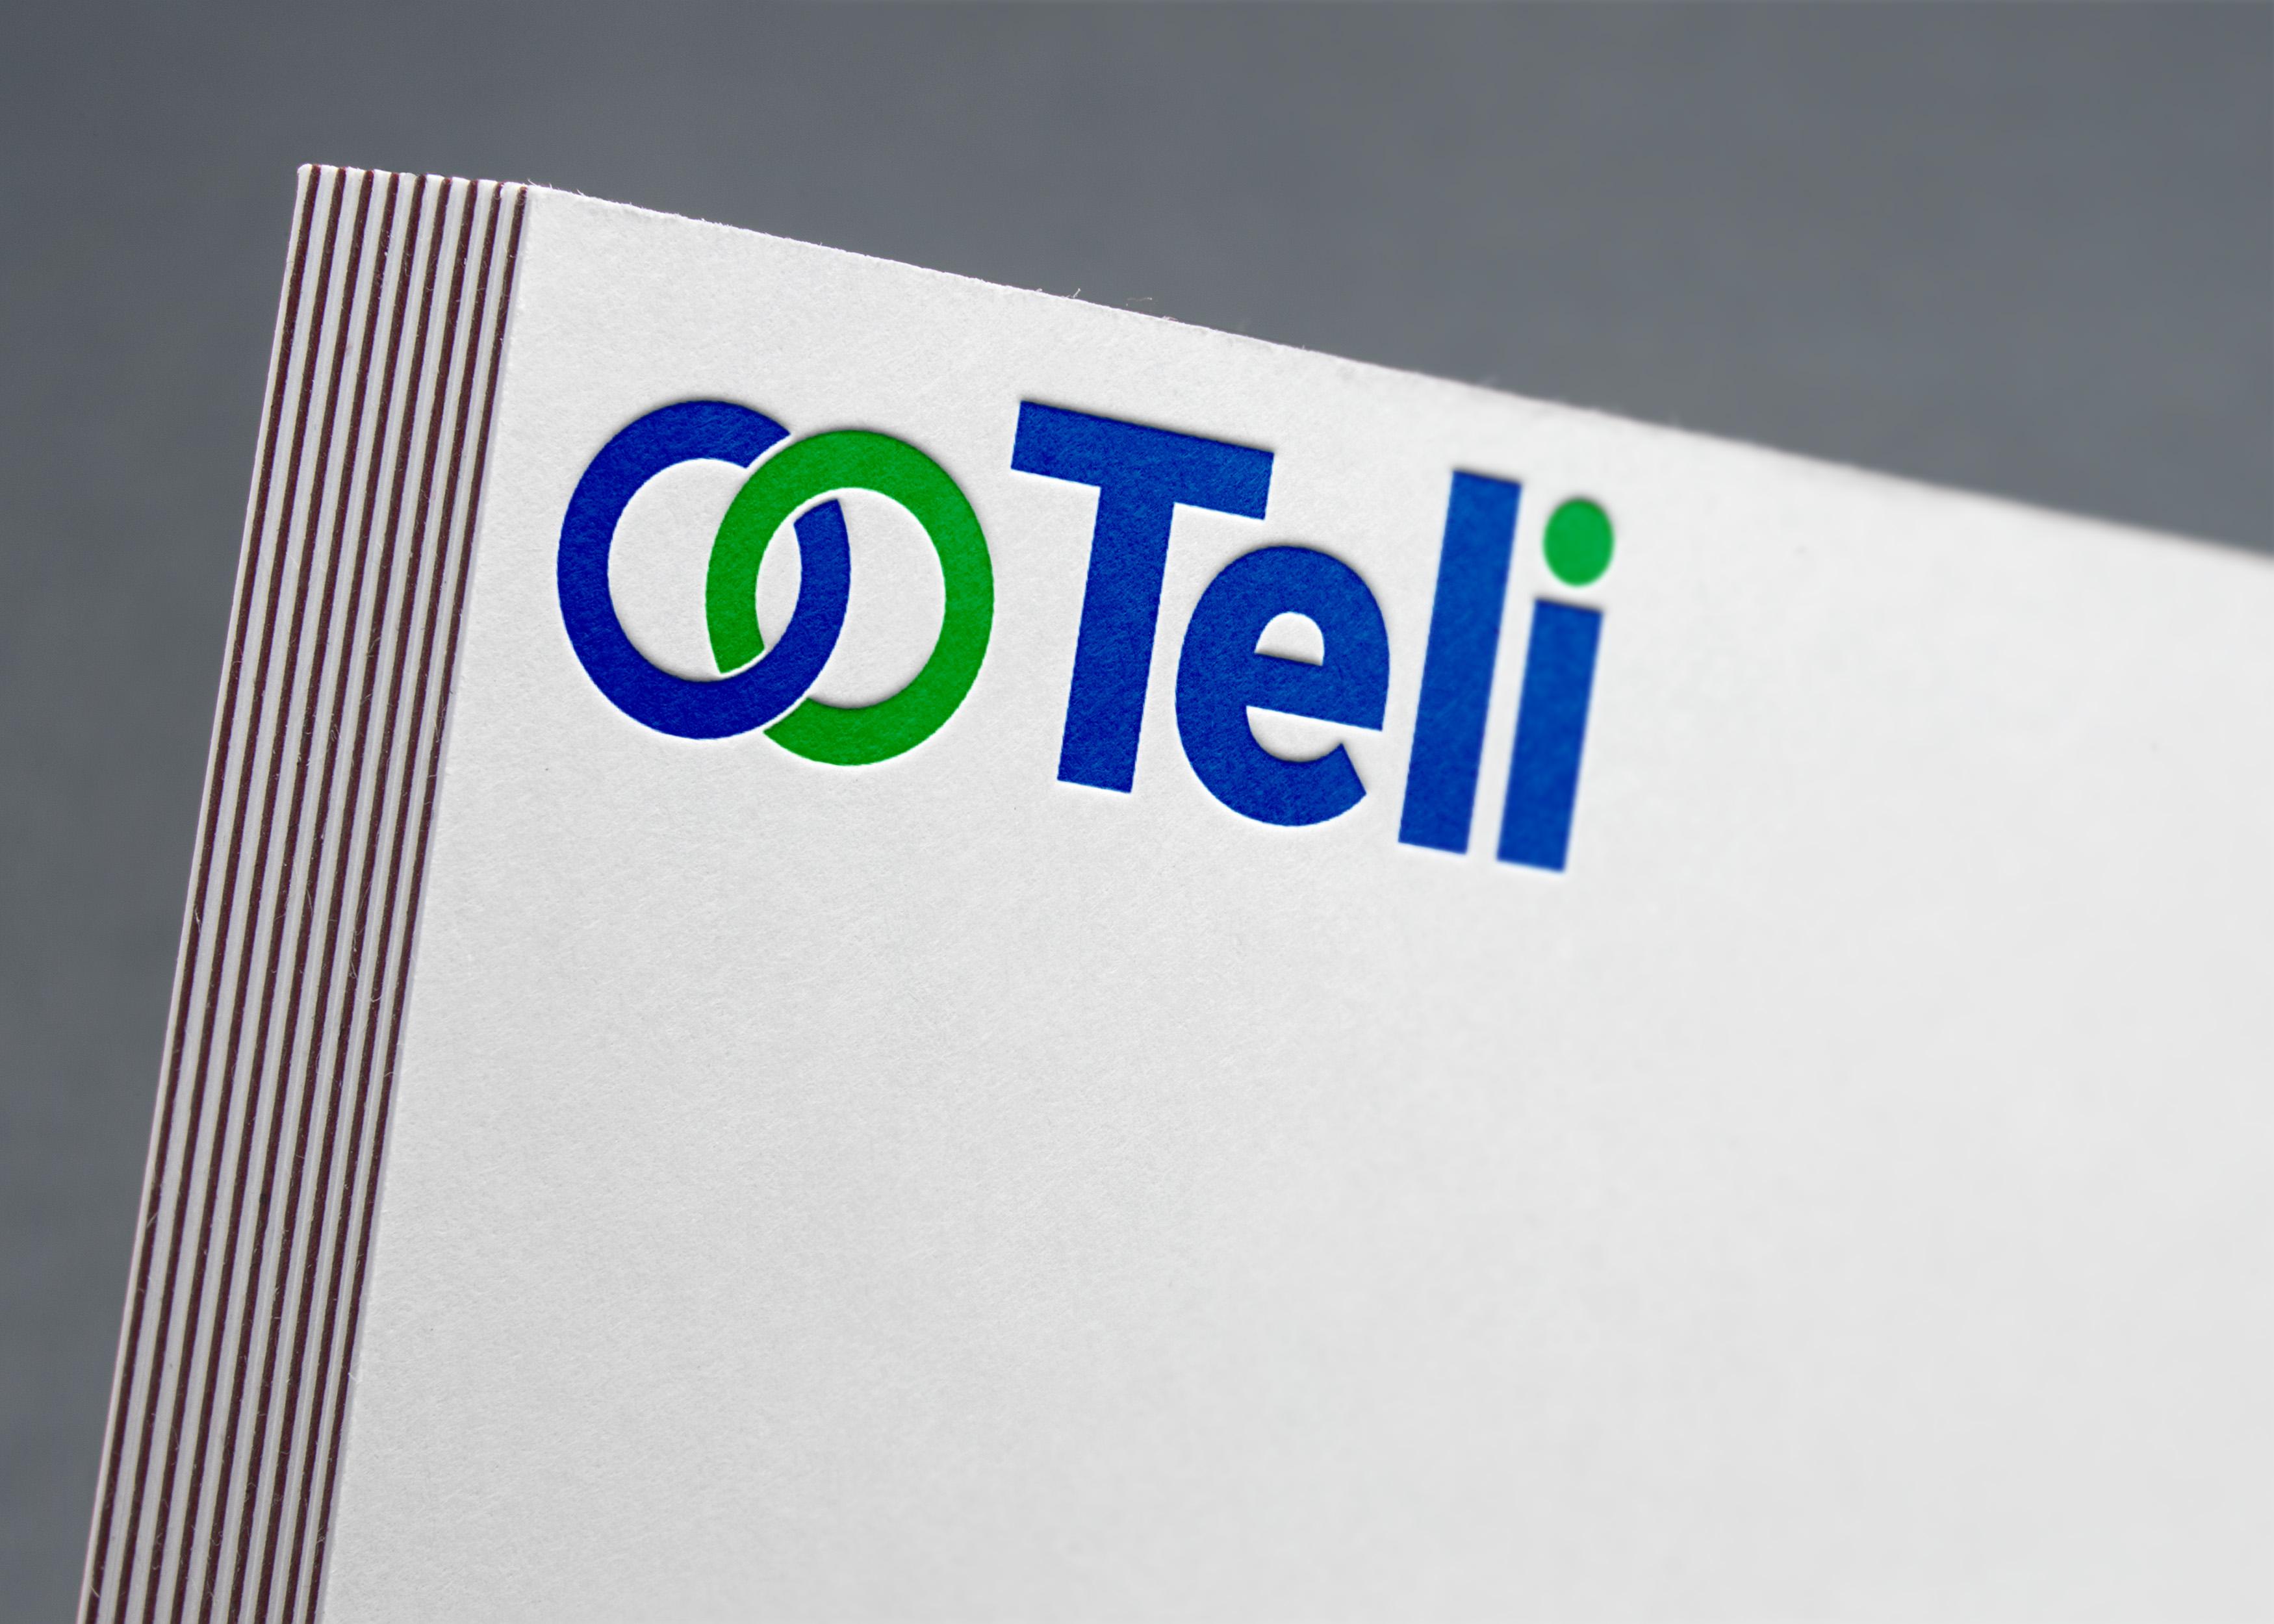 Разработка логотипа и фирменного стиля фото f_87858f9ce6b45e85.jpg